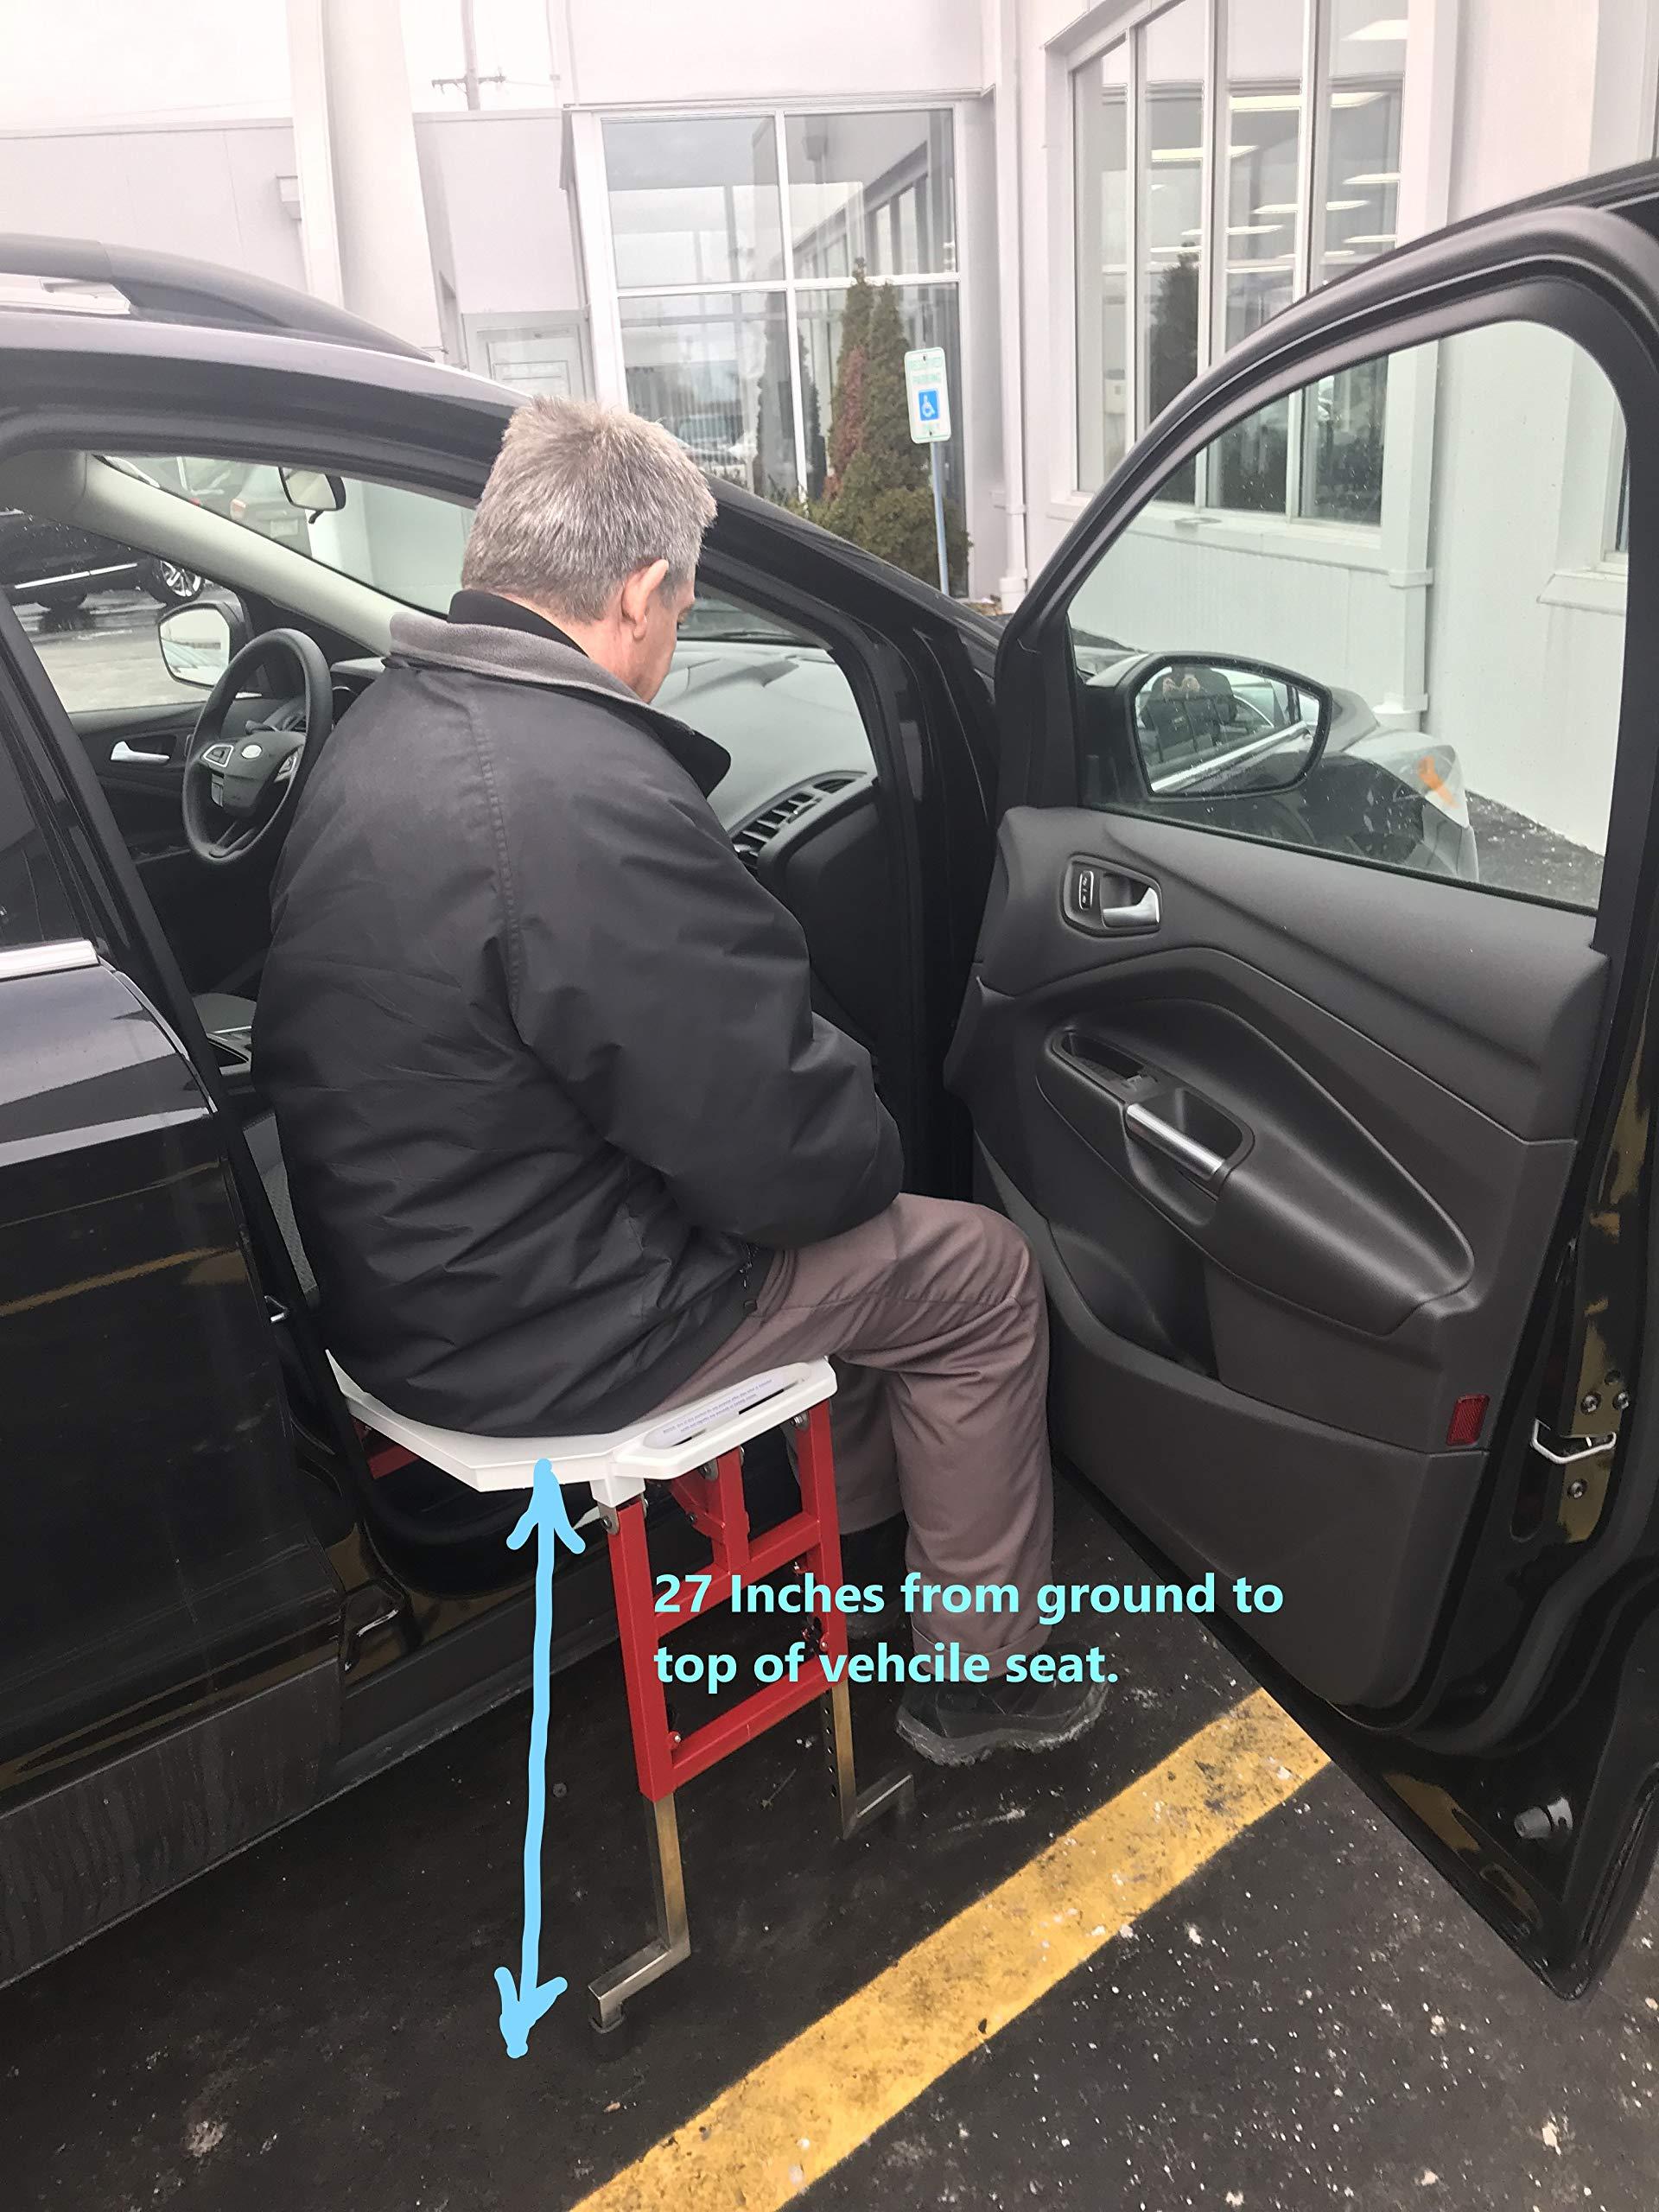 Slide 'n Ride Vehicle Transfer seat by SLIDE 'n RIDE Vehicle Assist Seat (Image #4)